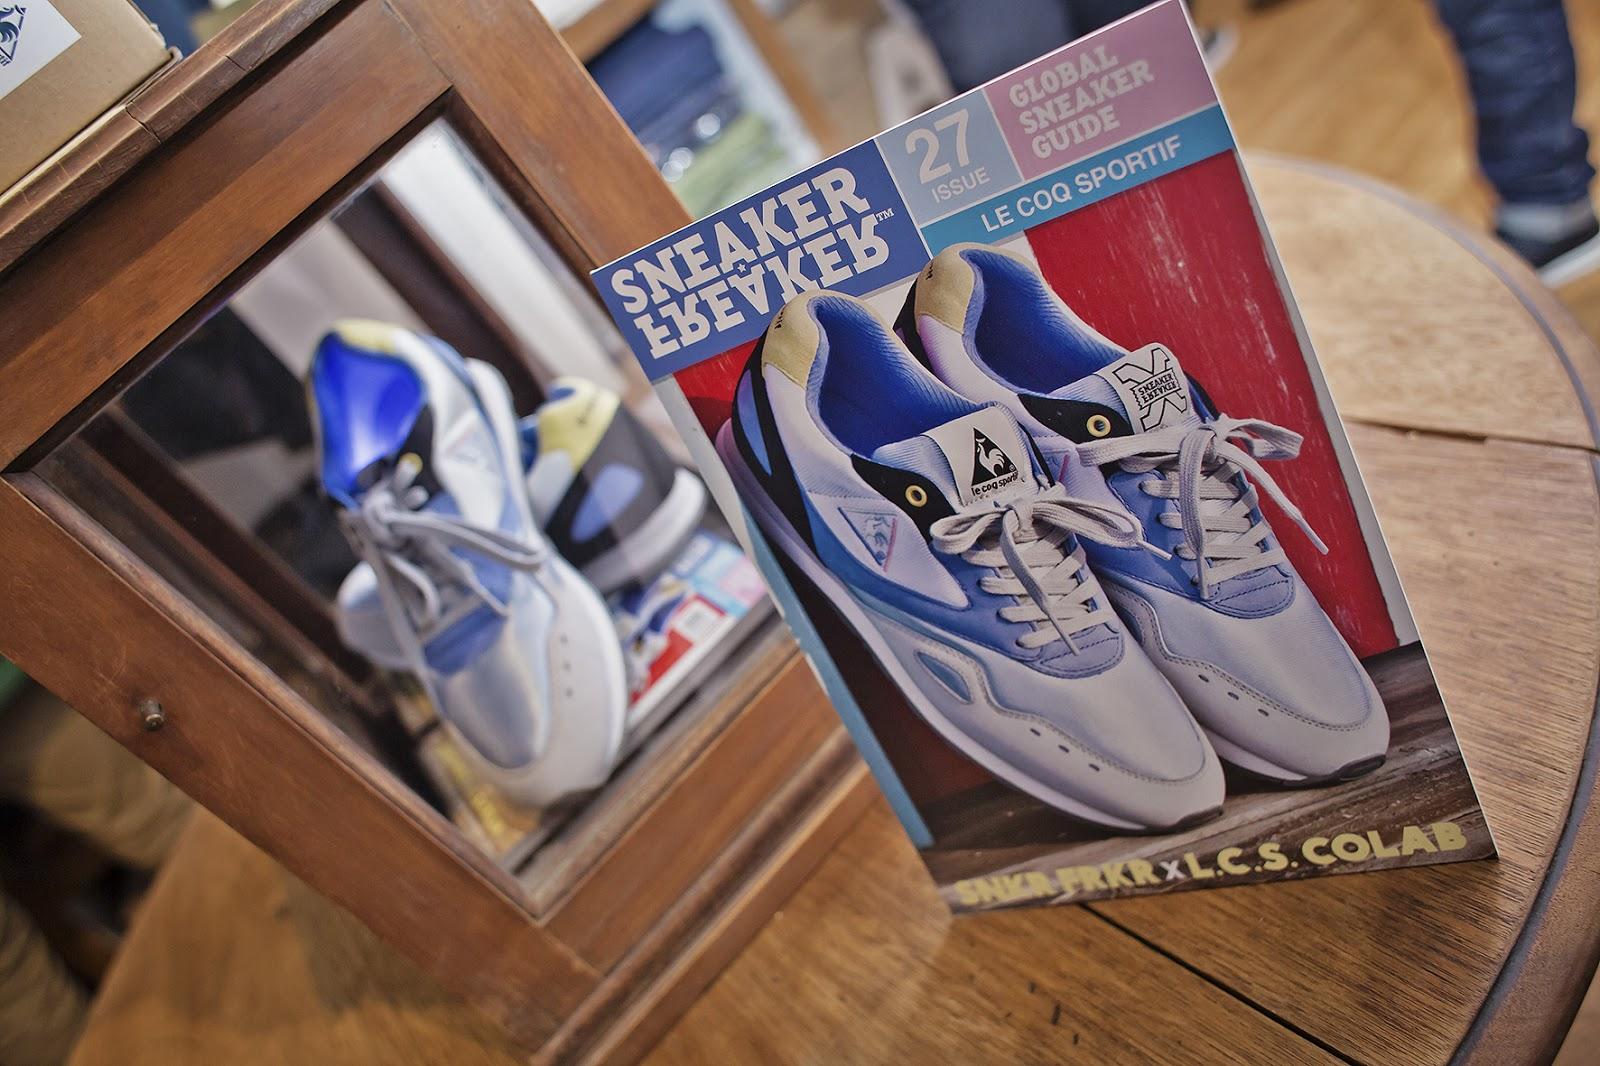 ca55c5d45839f5 Sneaker Freaker x Le Coq Sportif Flash Launch